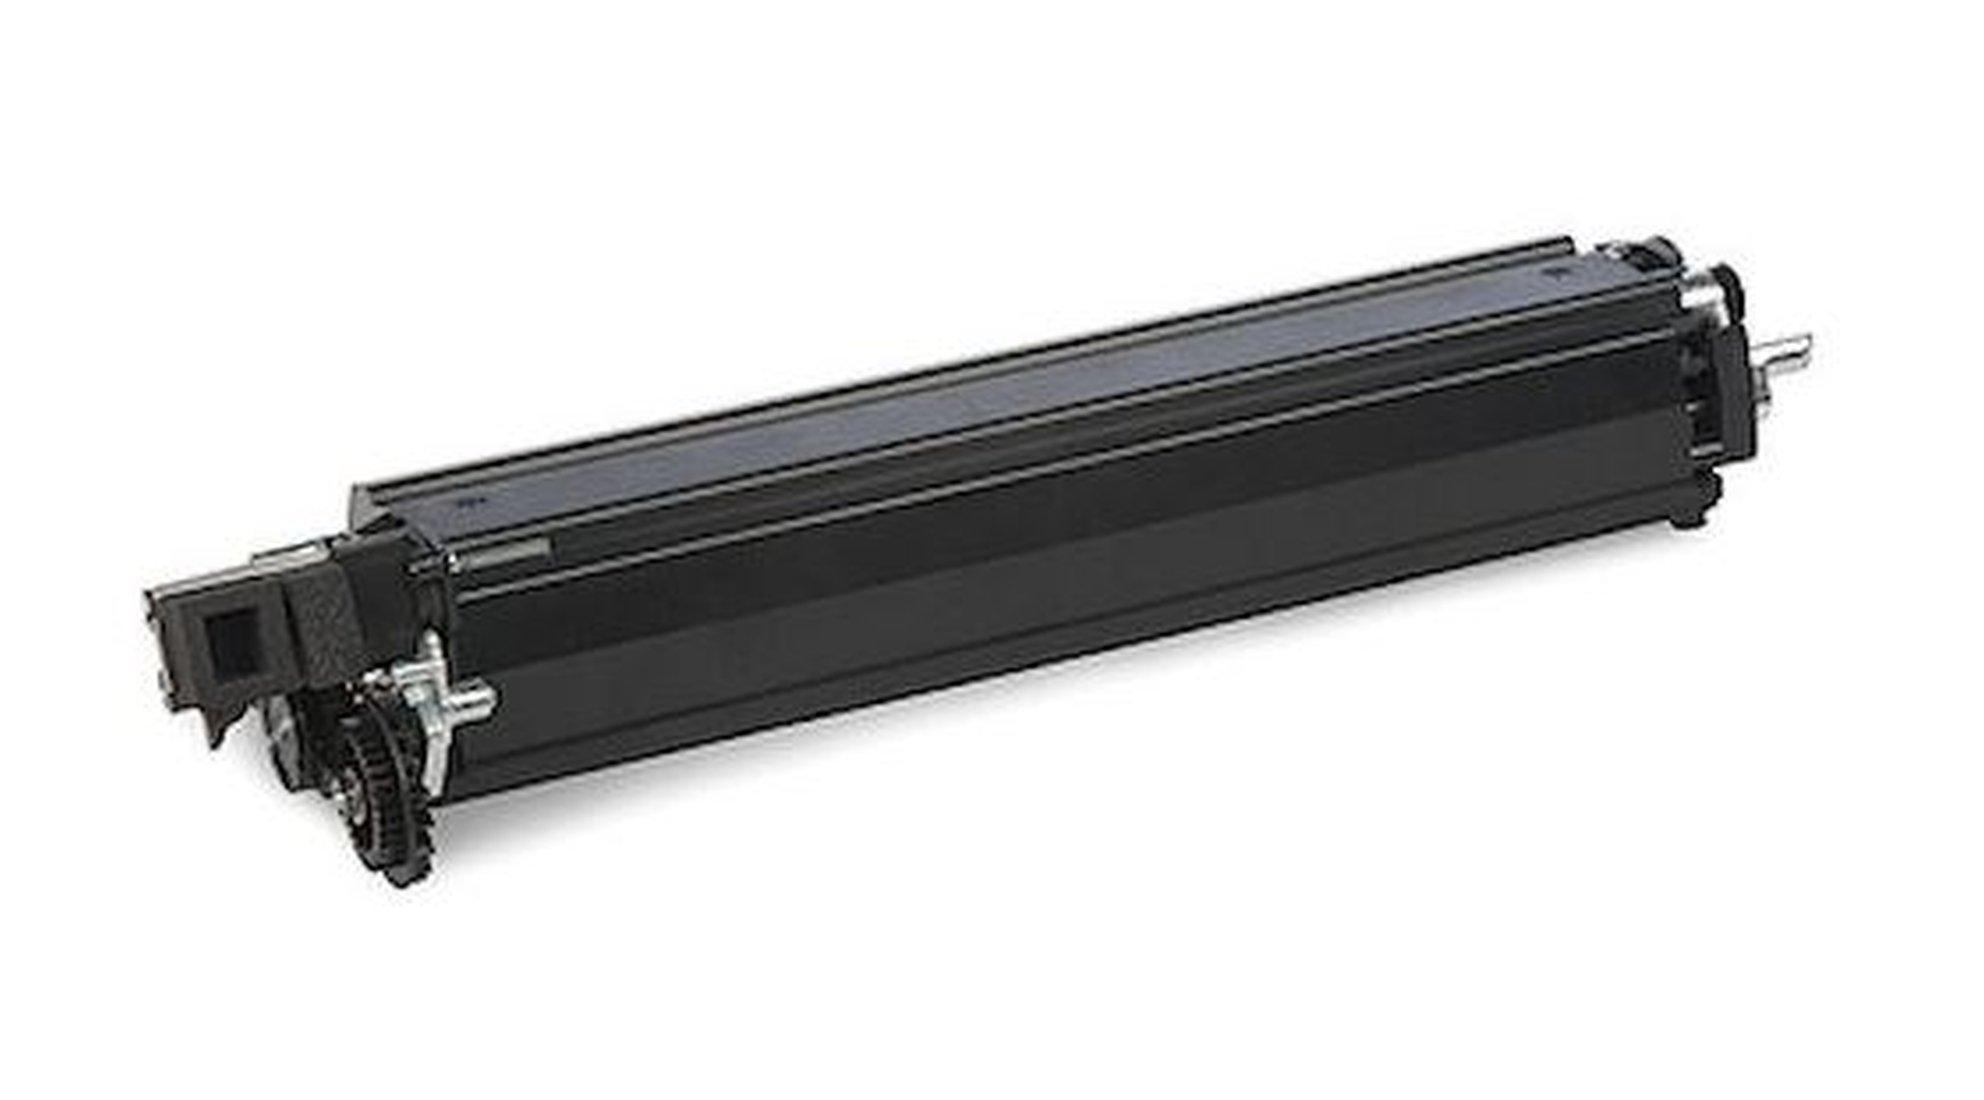 Kyocera 37085111 Printer Developer by Kyocera (Image #1)